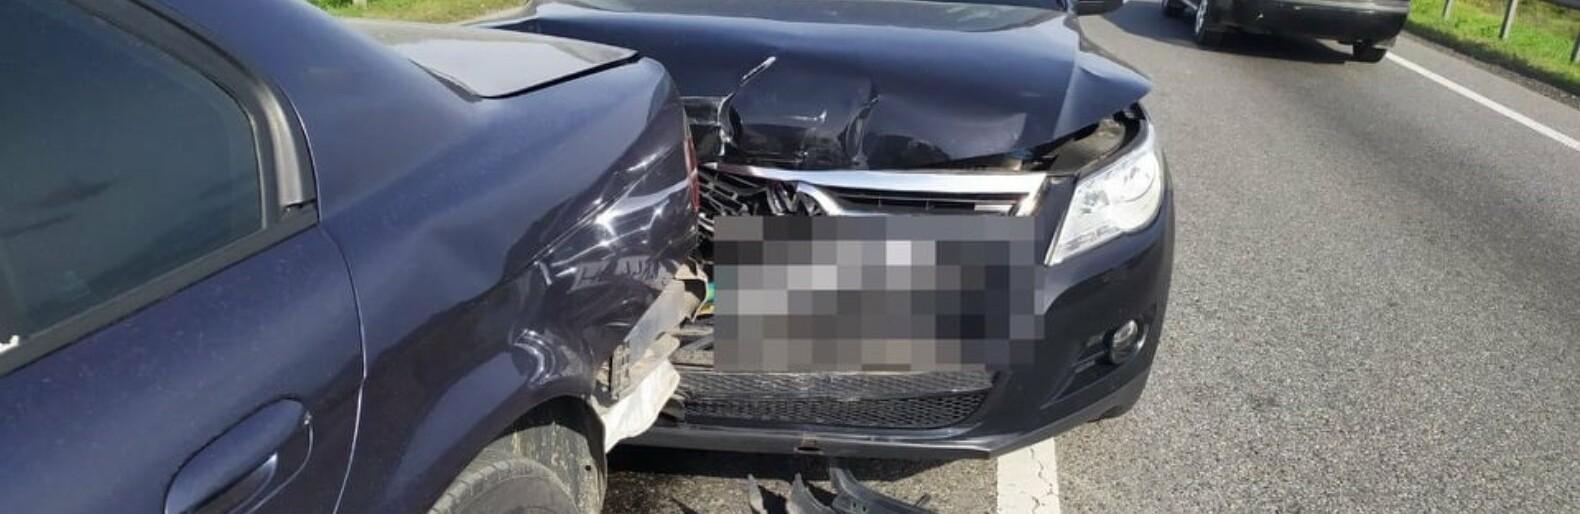 23-річний водій Volkswagen спричинив потрійну ДТП на об'їзній Львова, - ФОТО